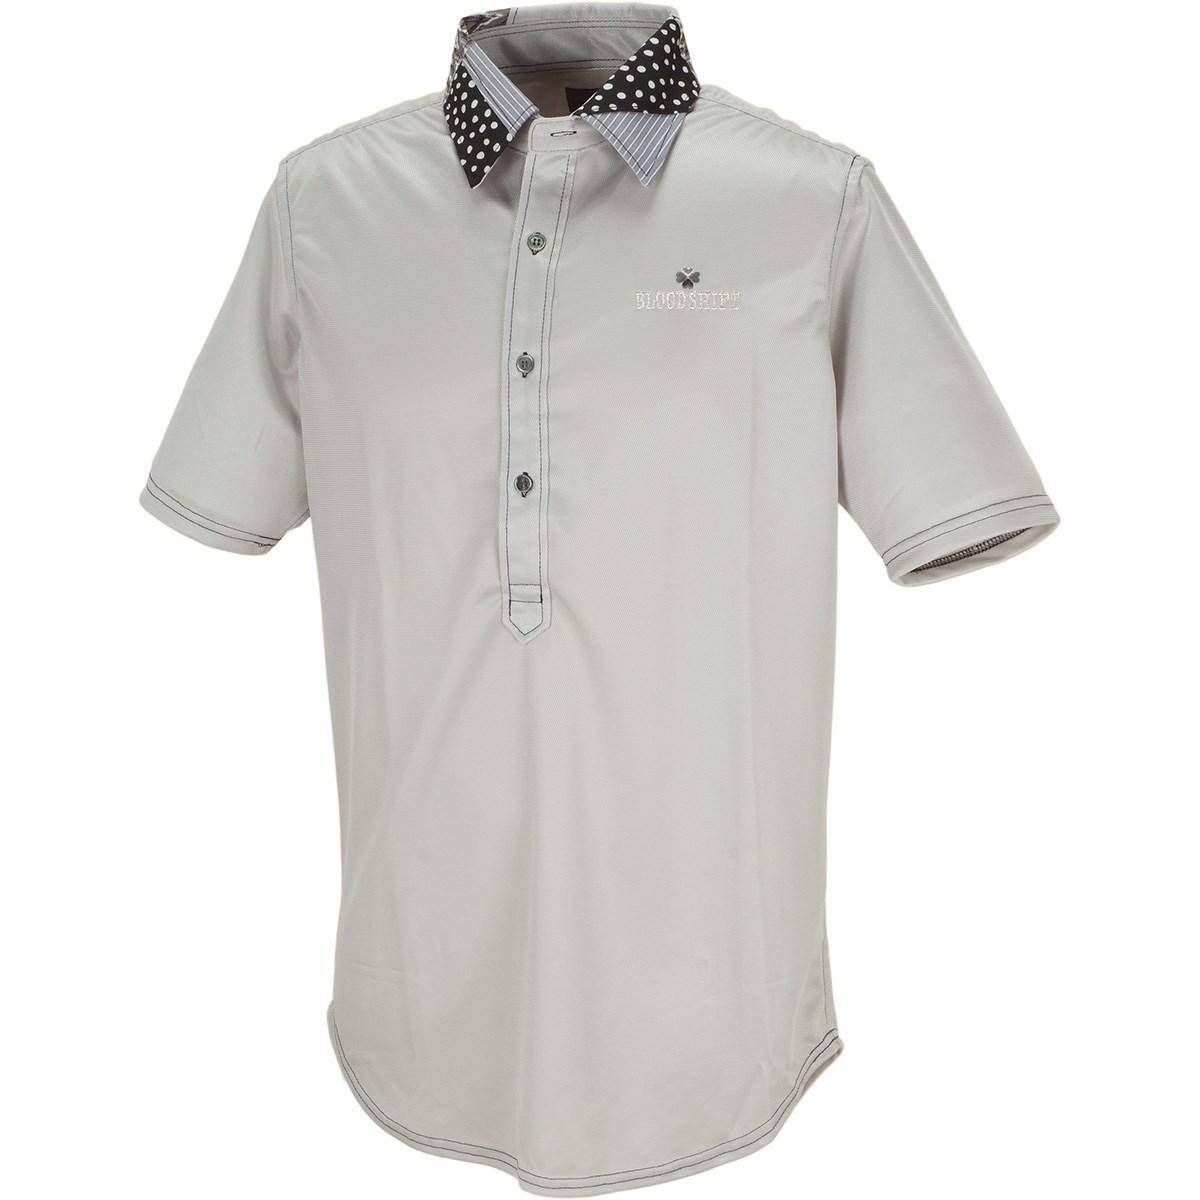 ブラッドシフト レイヤーカラー半袖ポロシャツ